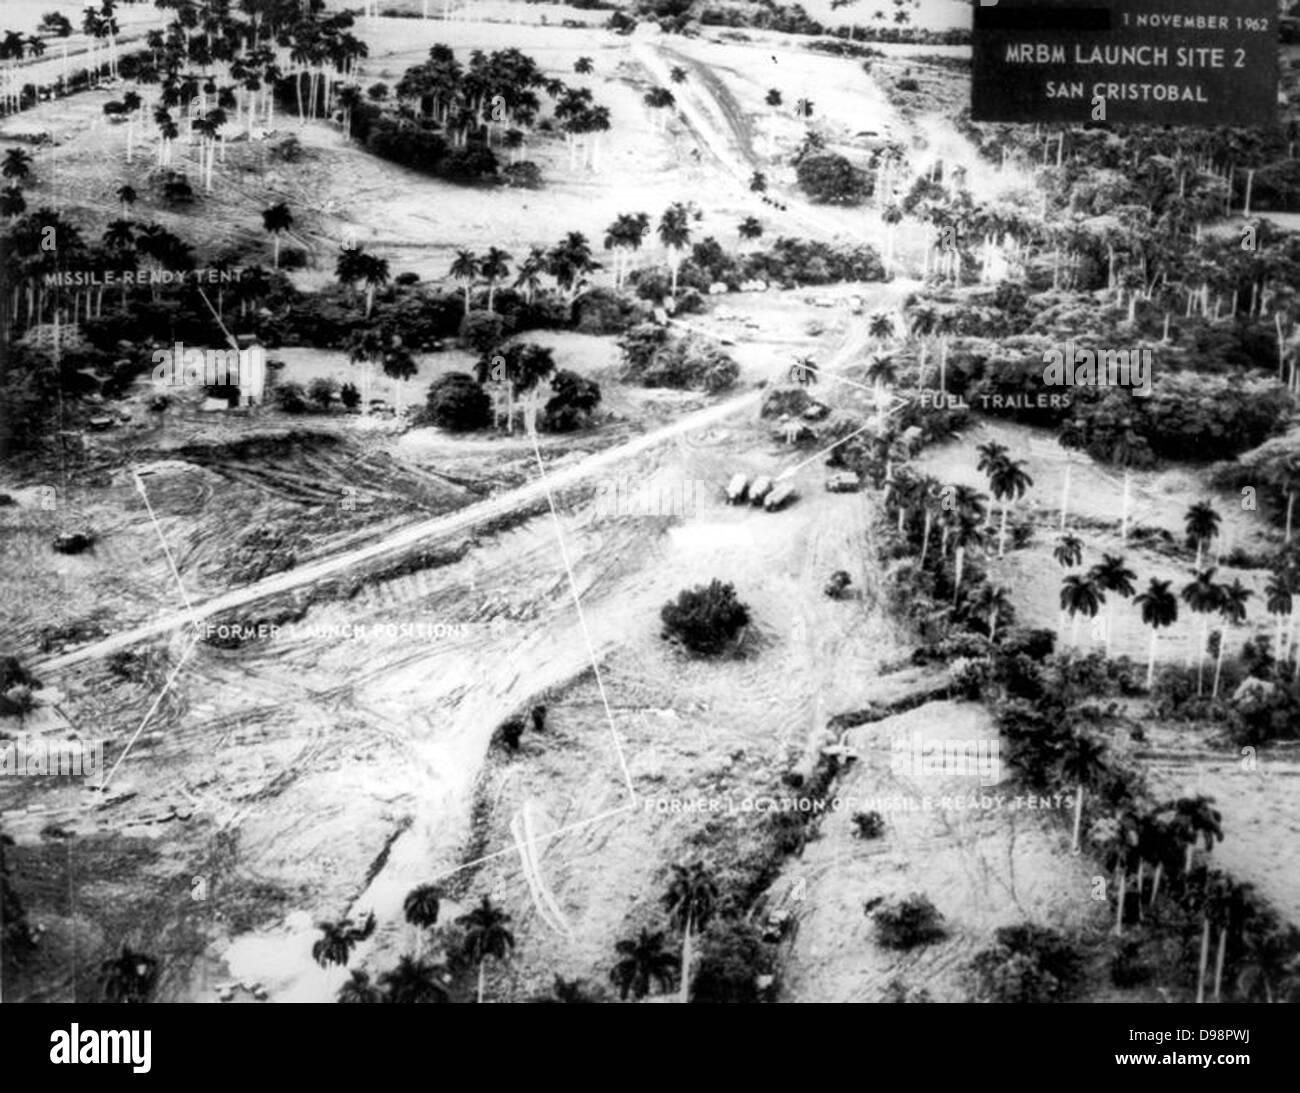 Guerra Fría: la crisis de los misiles cubanos. Vista aérea de la Federación de mediano rango 2 sitio de lanzamiento Foto de stock